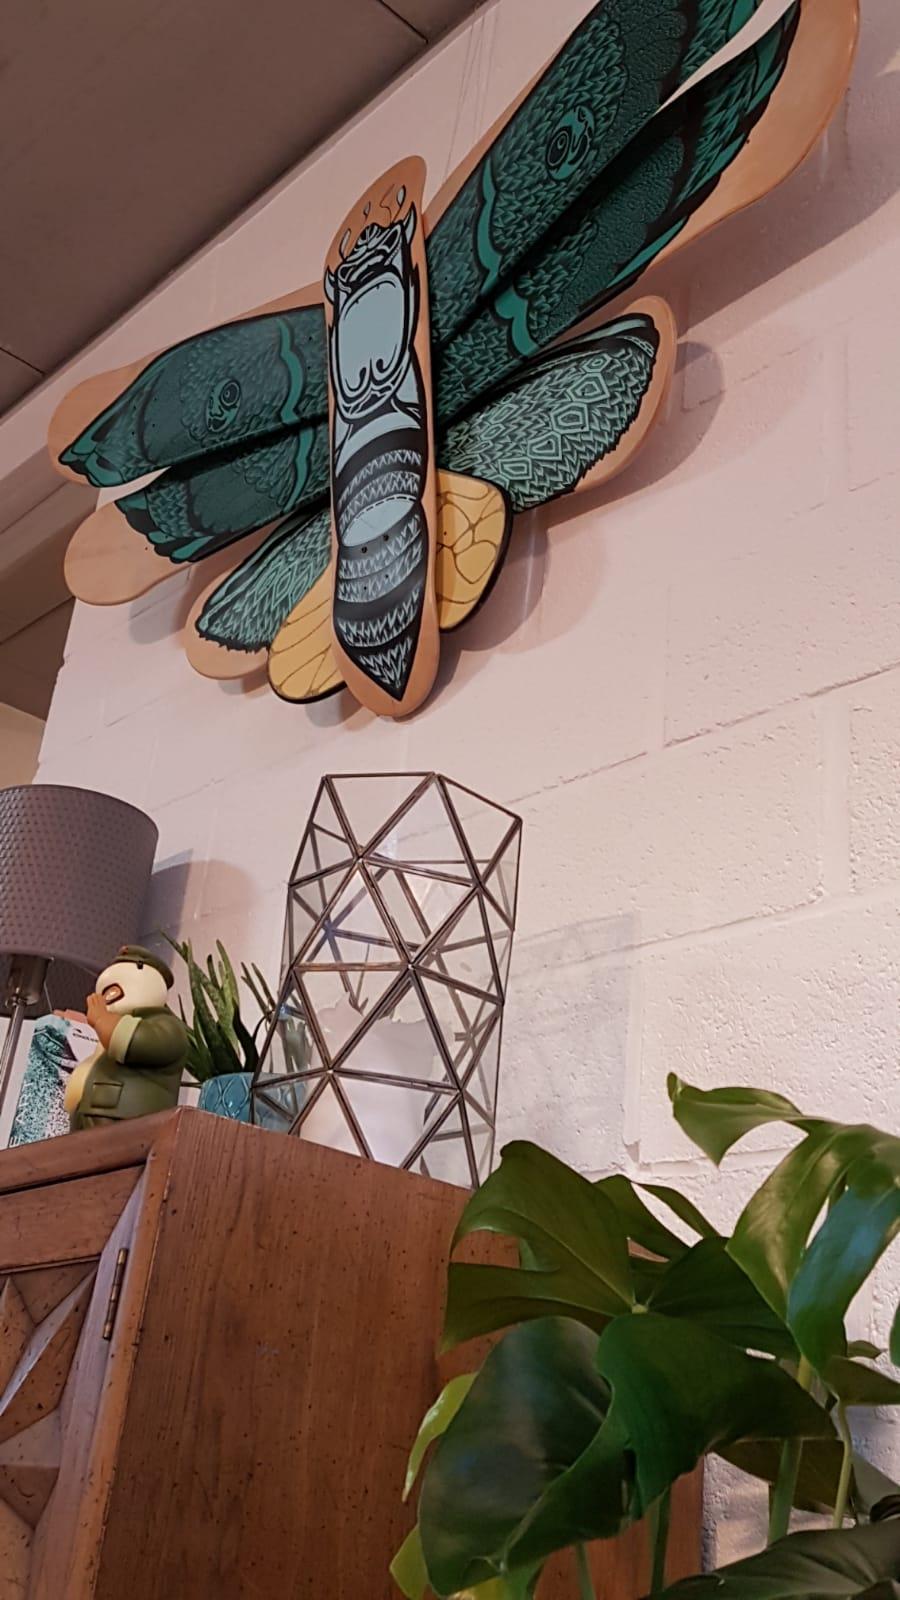 Battarfly Skateboard Sculpture By Mata7ik 5